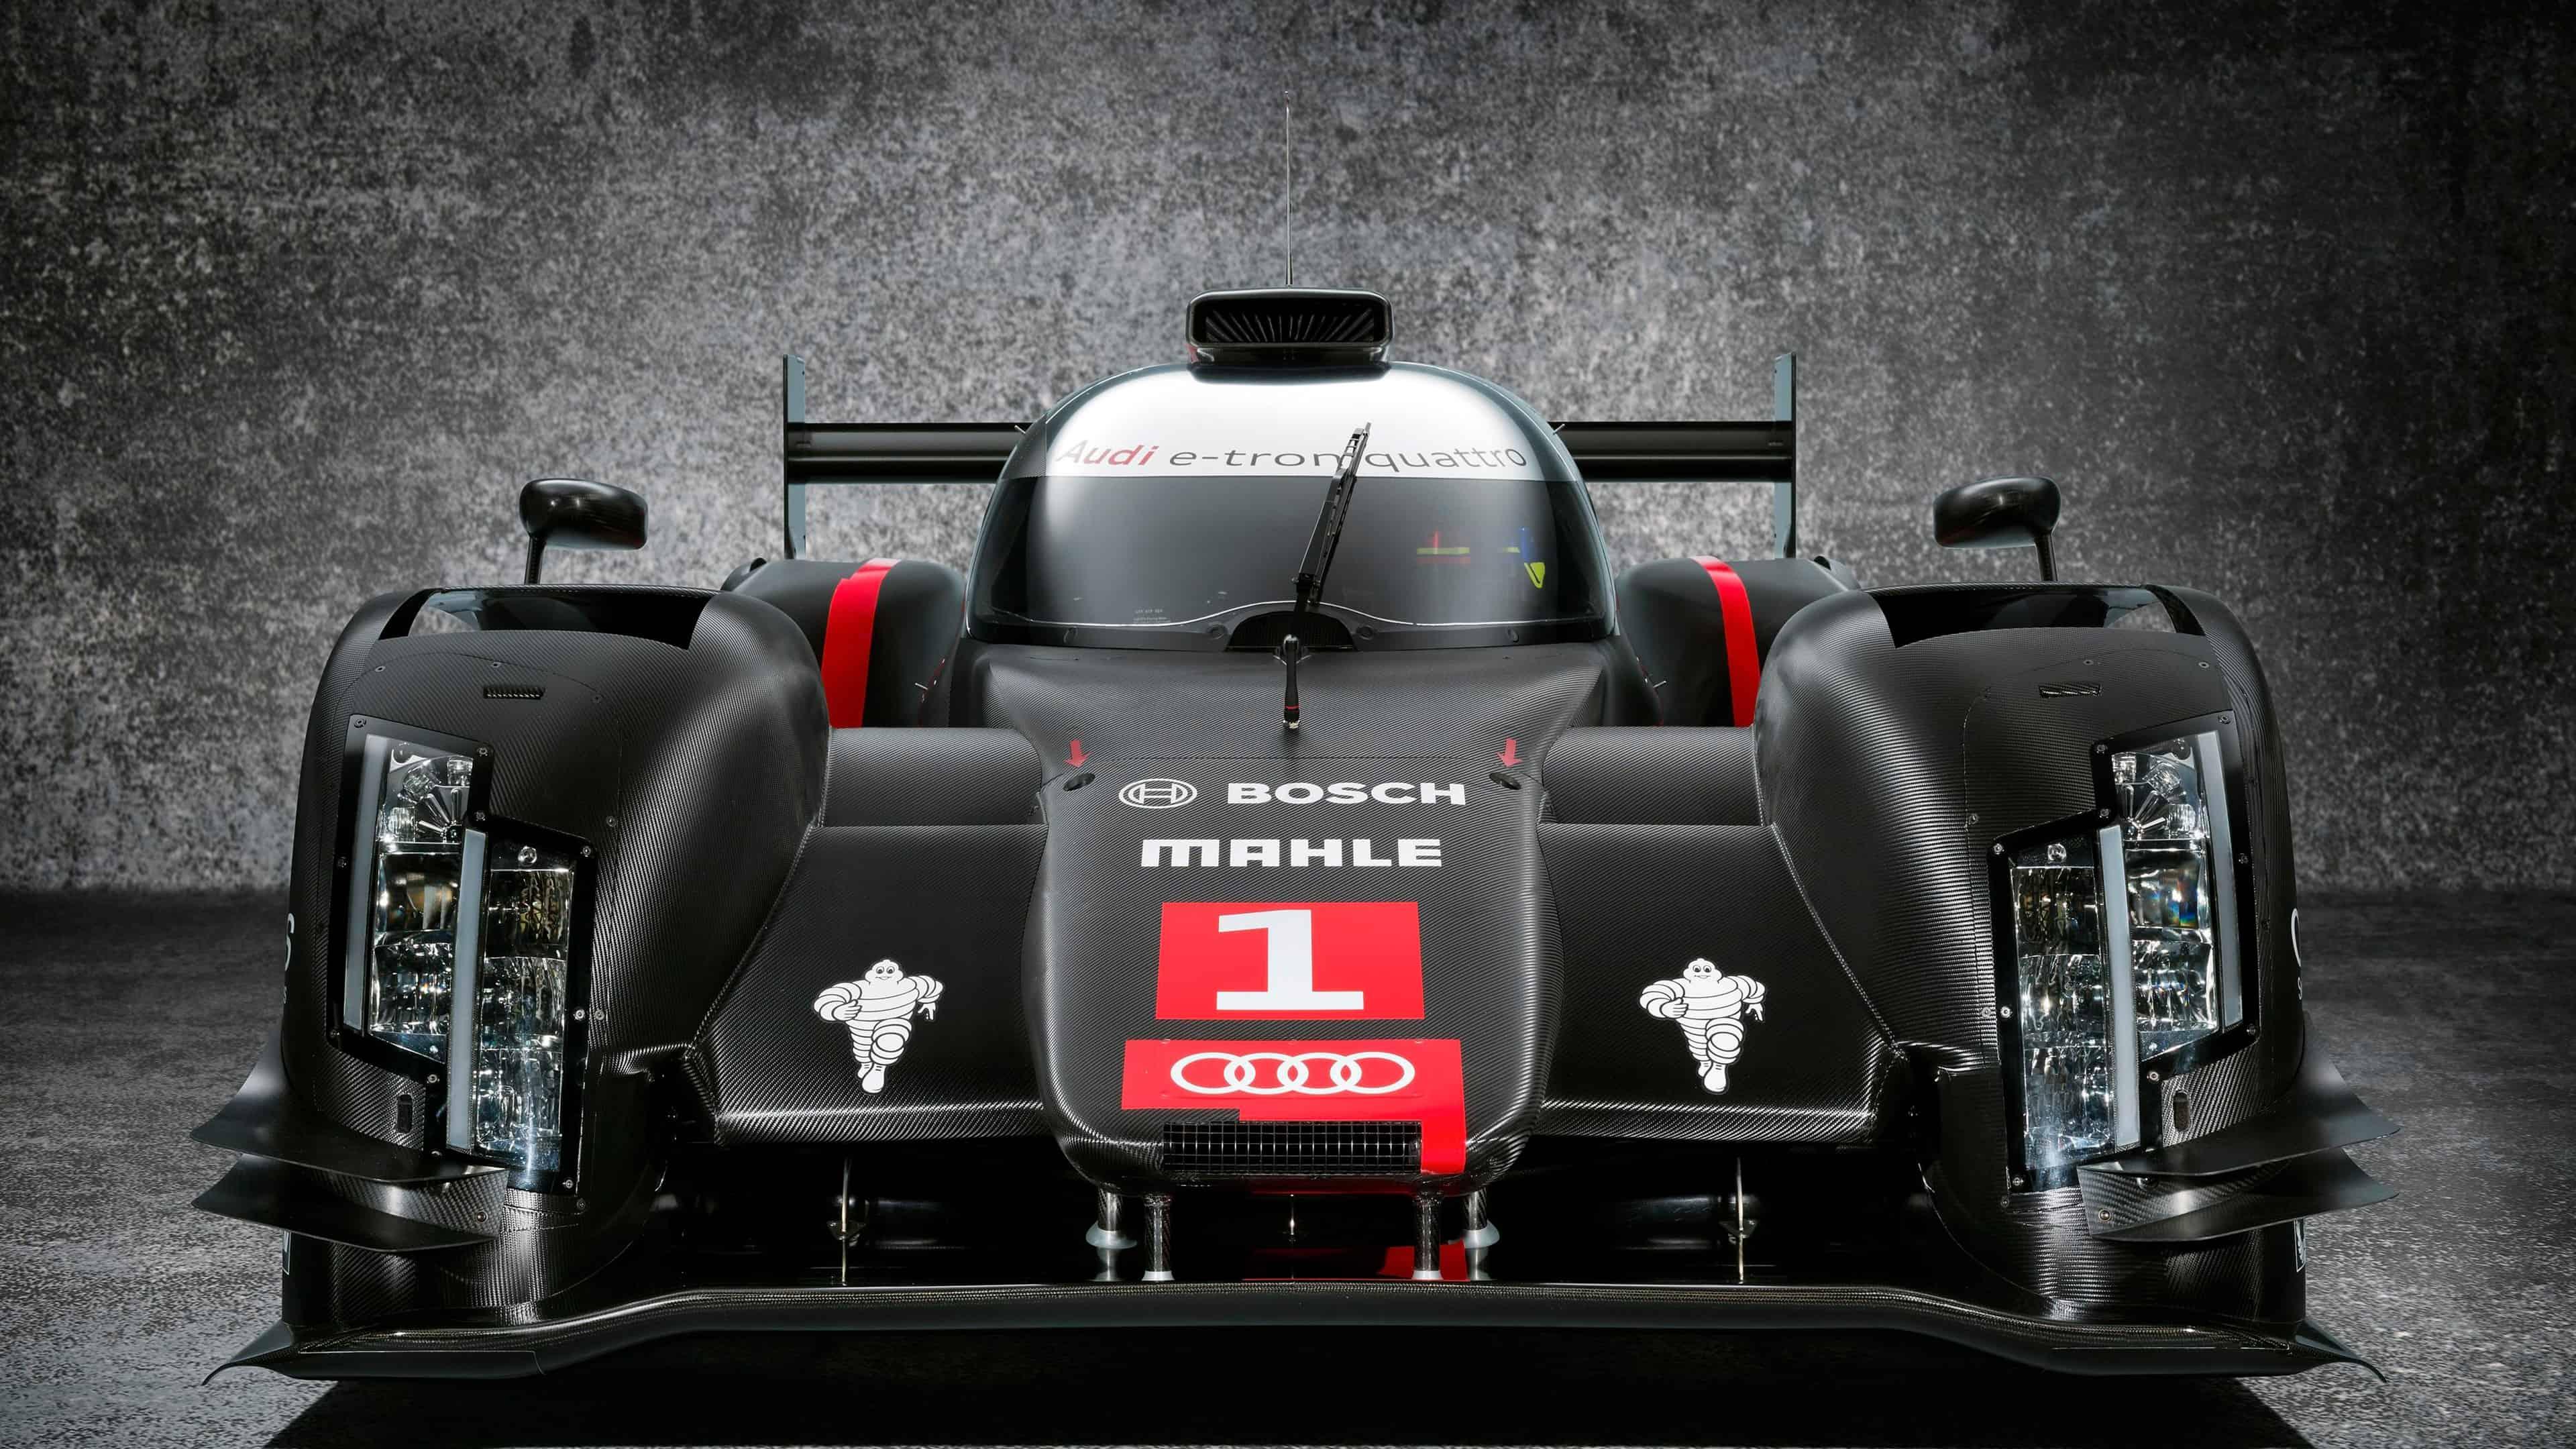 Audi R18 Le Mans UHD 4K Wallpaper Pixelz 3840x2160